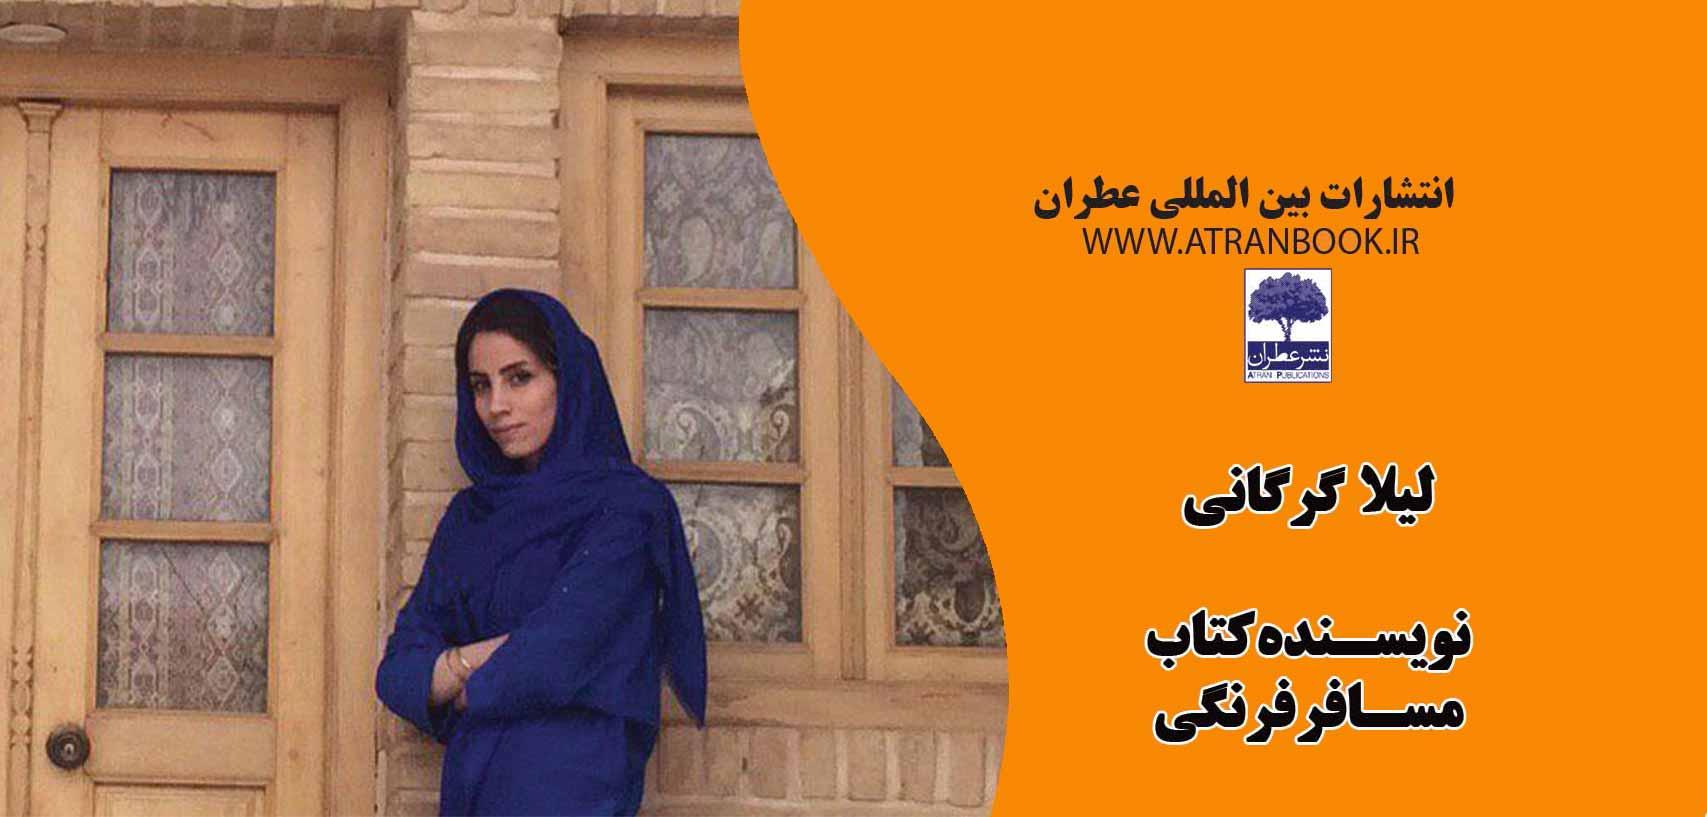 لیلا گرگانی: نویسنده فیلم نامه